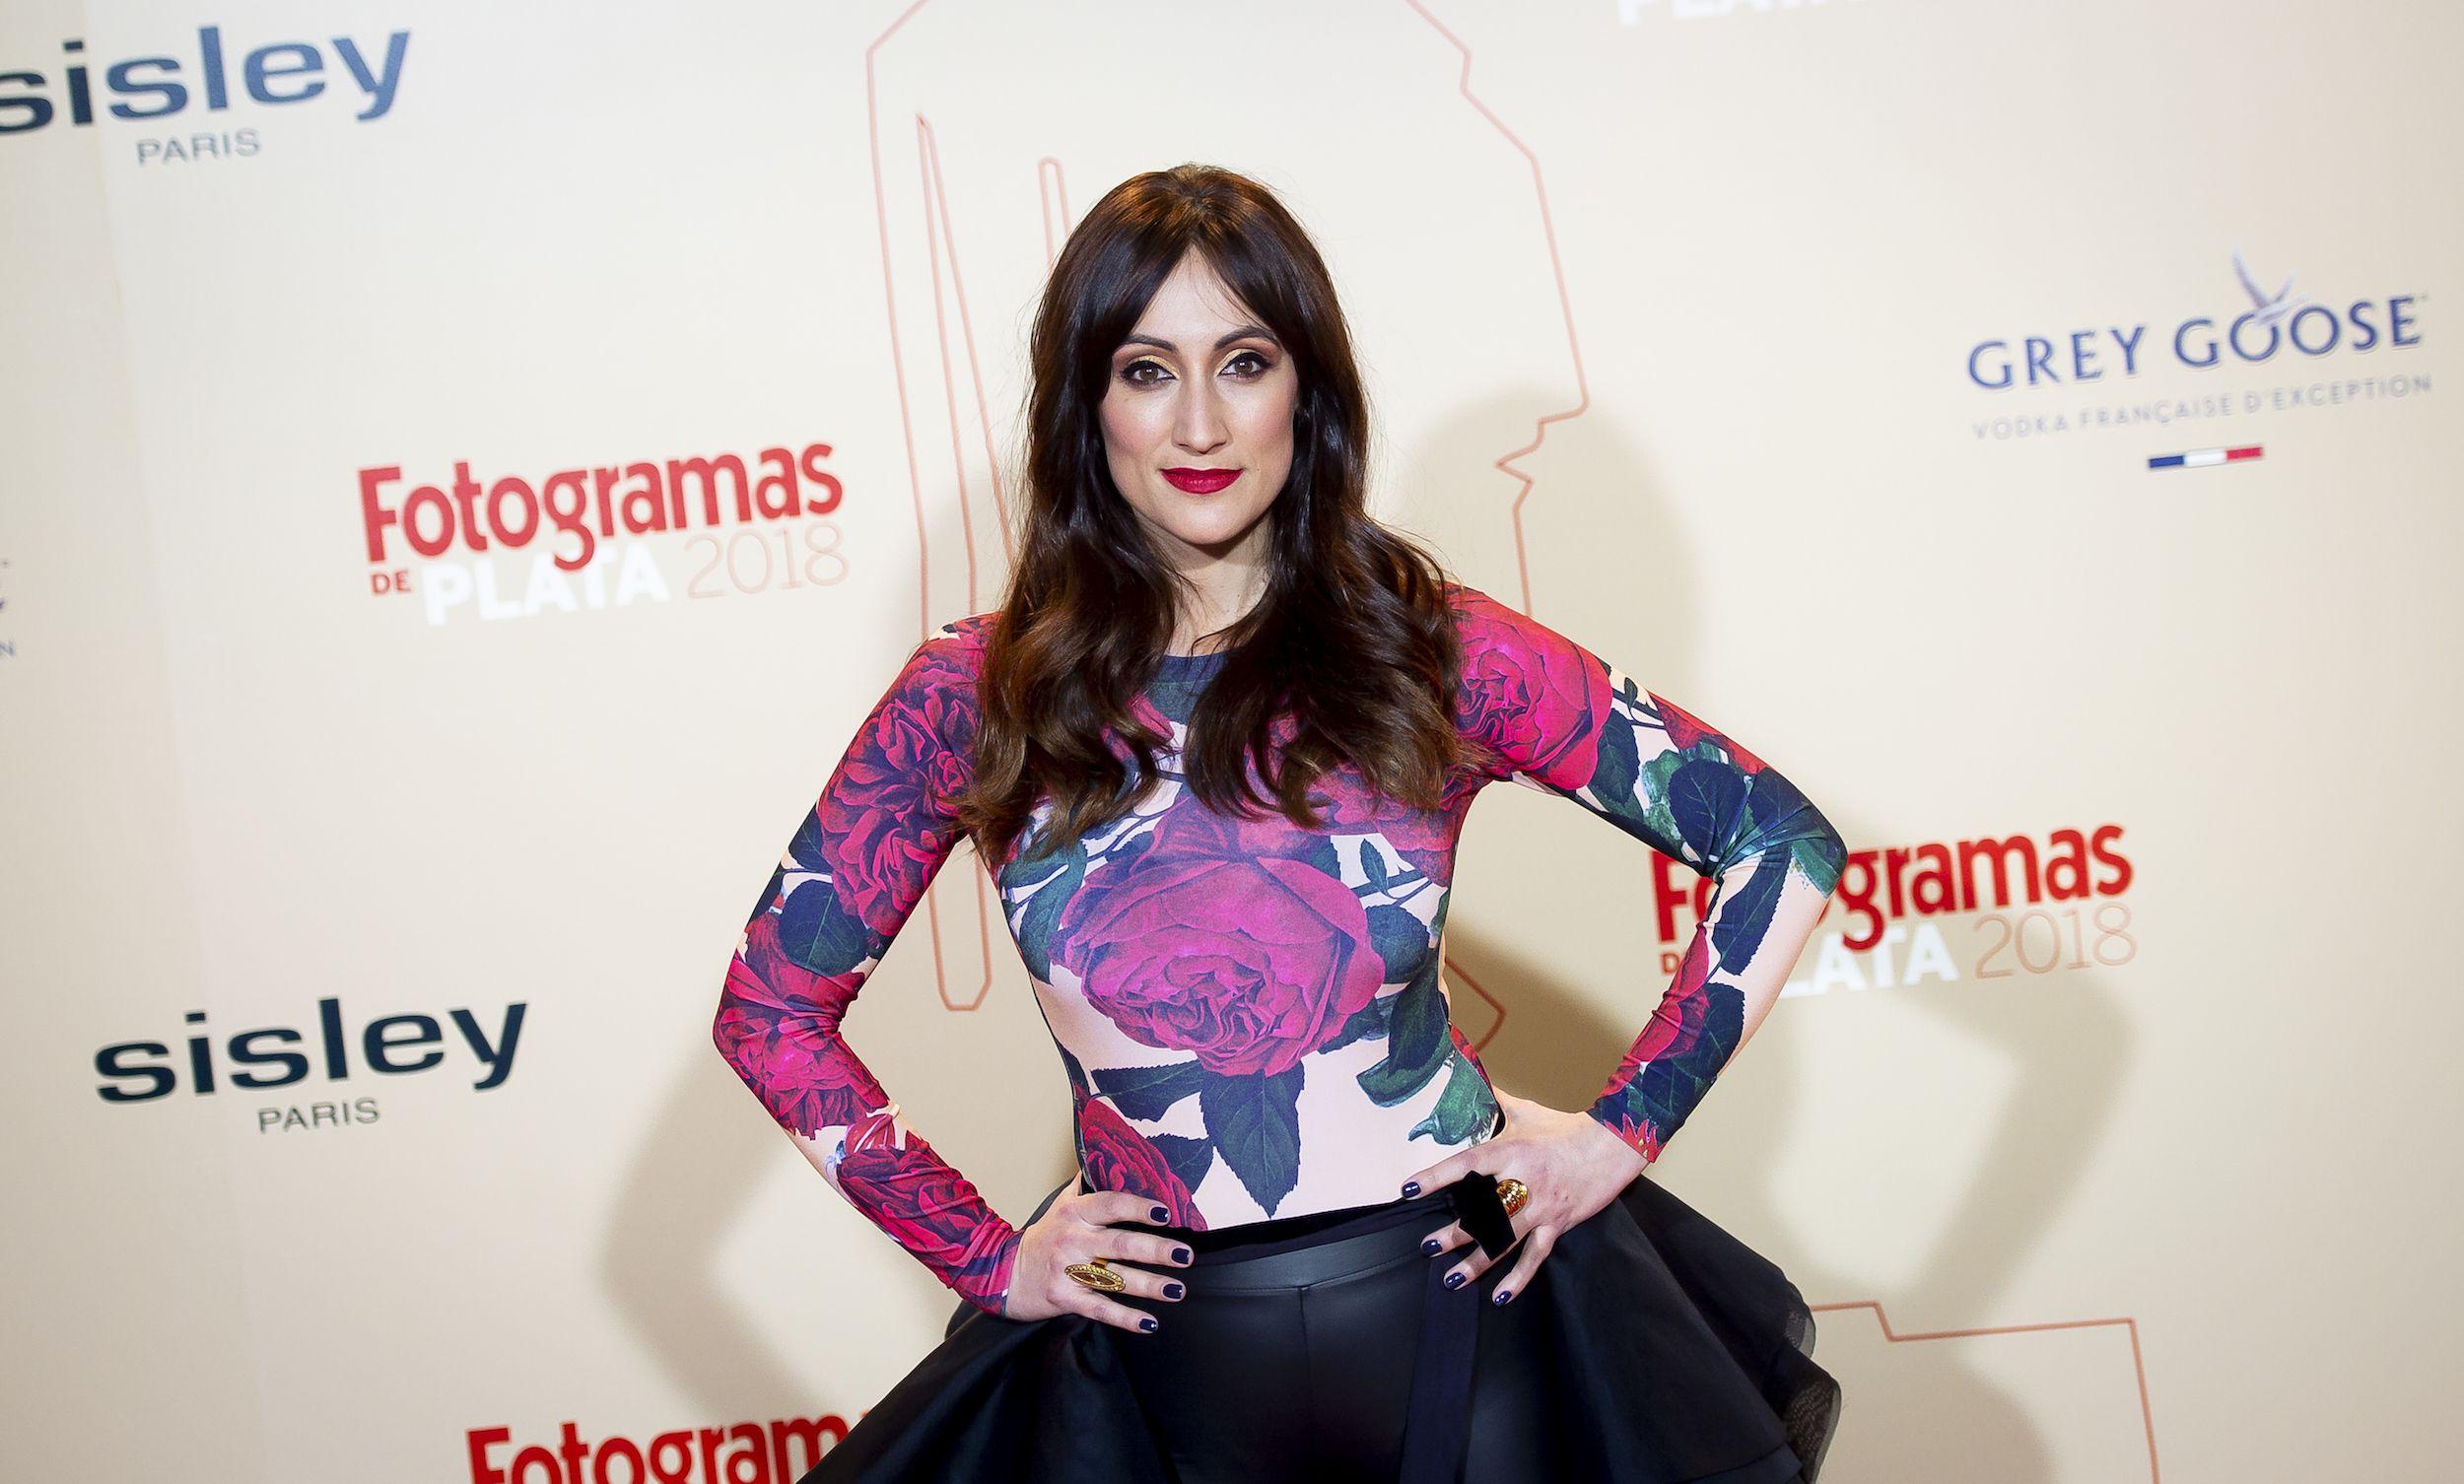 Ana Morgade Fotogramas de Plata 2018 - Mejores momentos presentadora